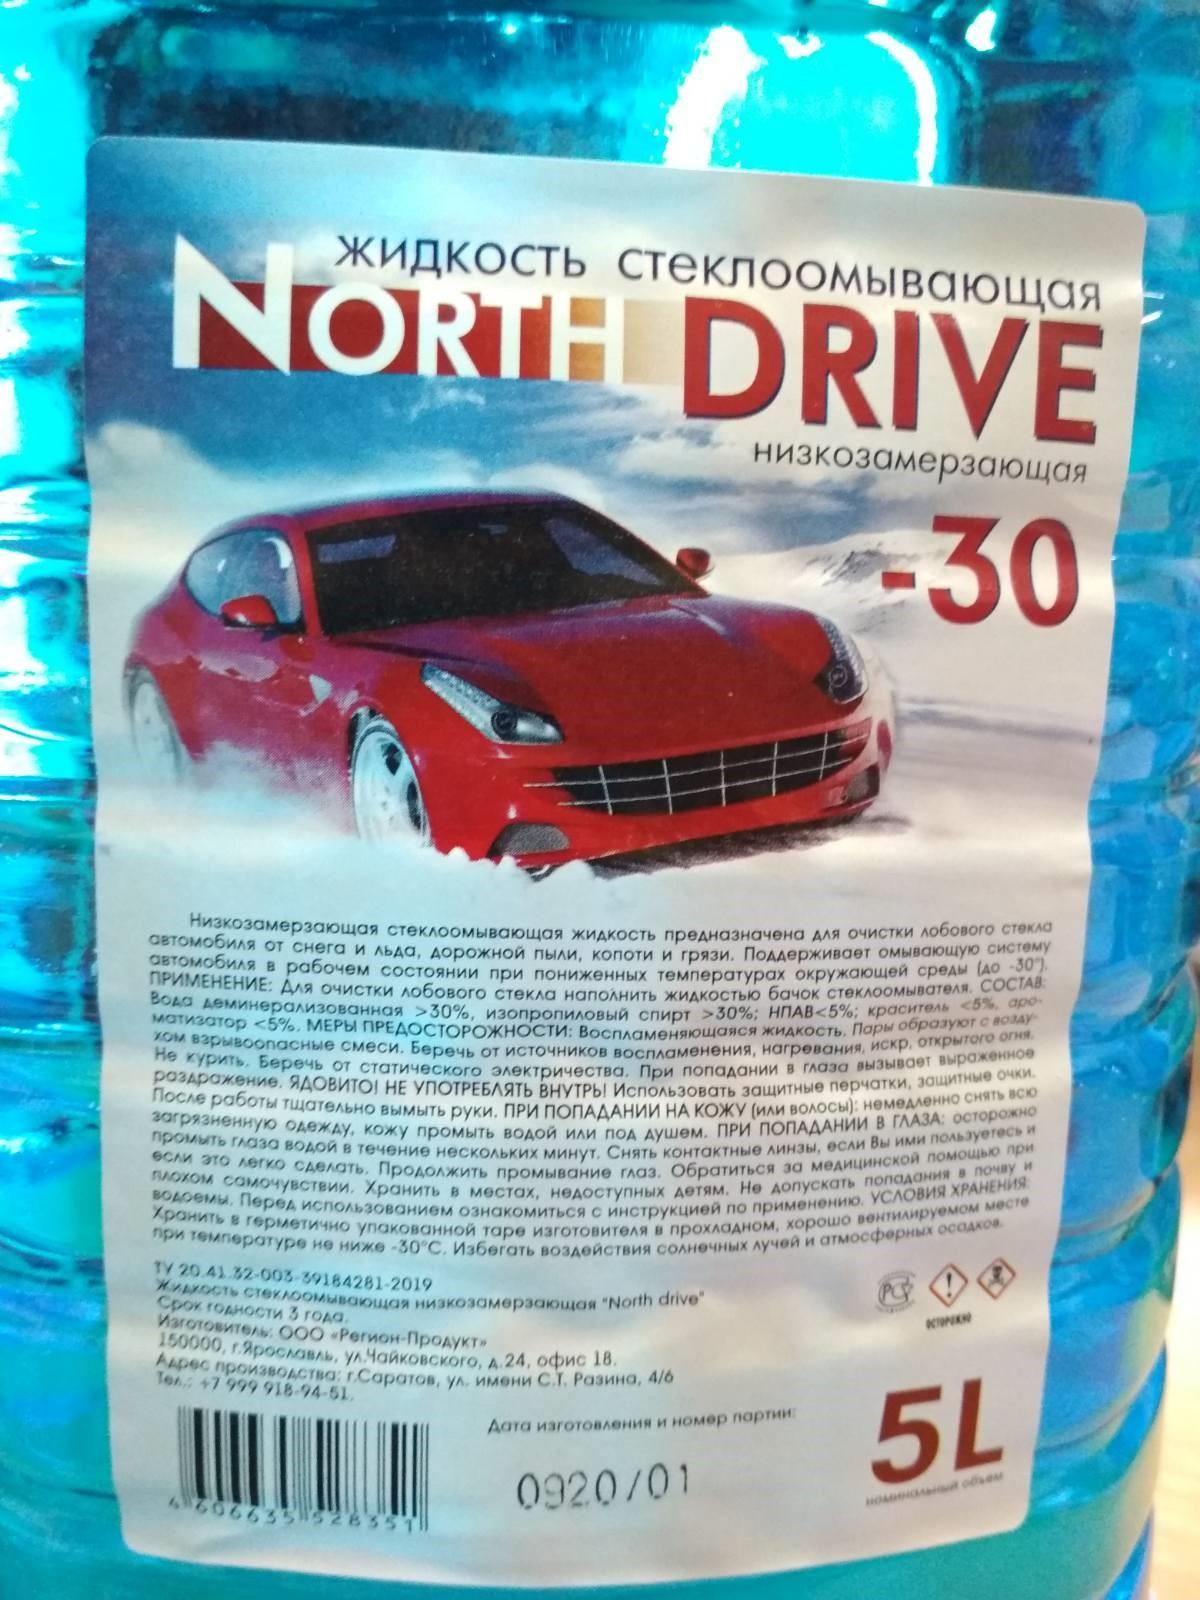 Жидкость стеклоомывающая низкозамерзающая NORTH DRIVE -30